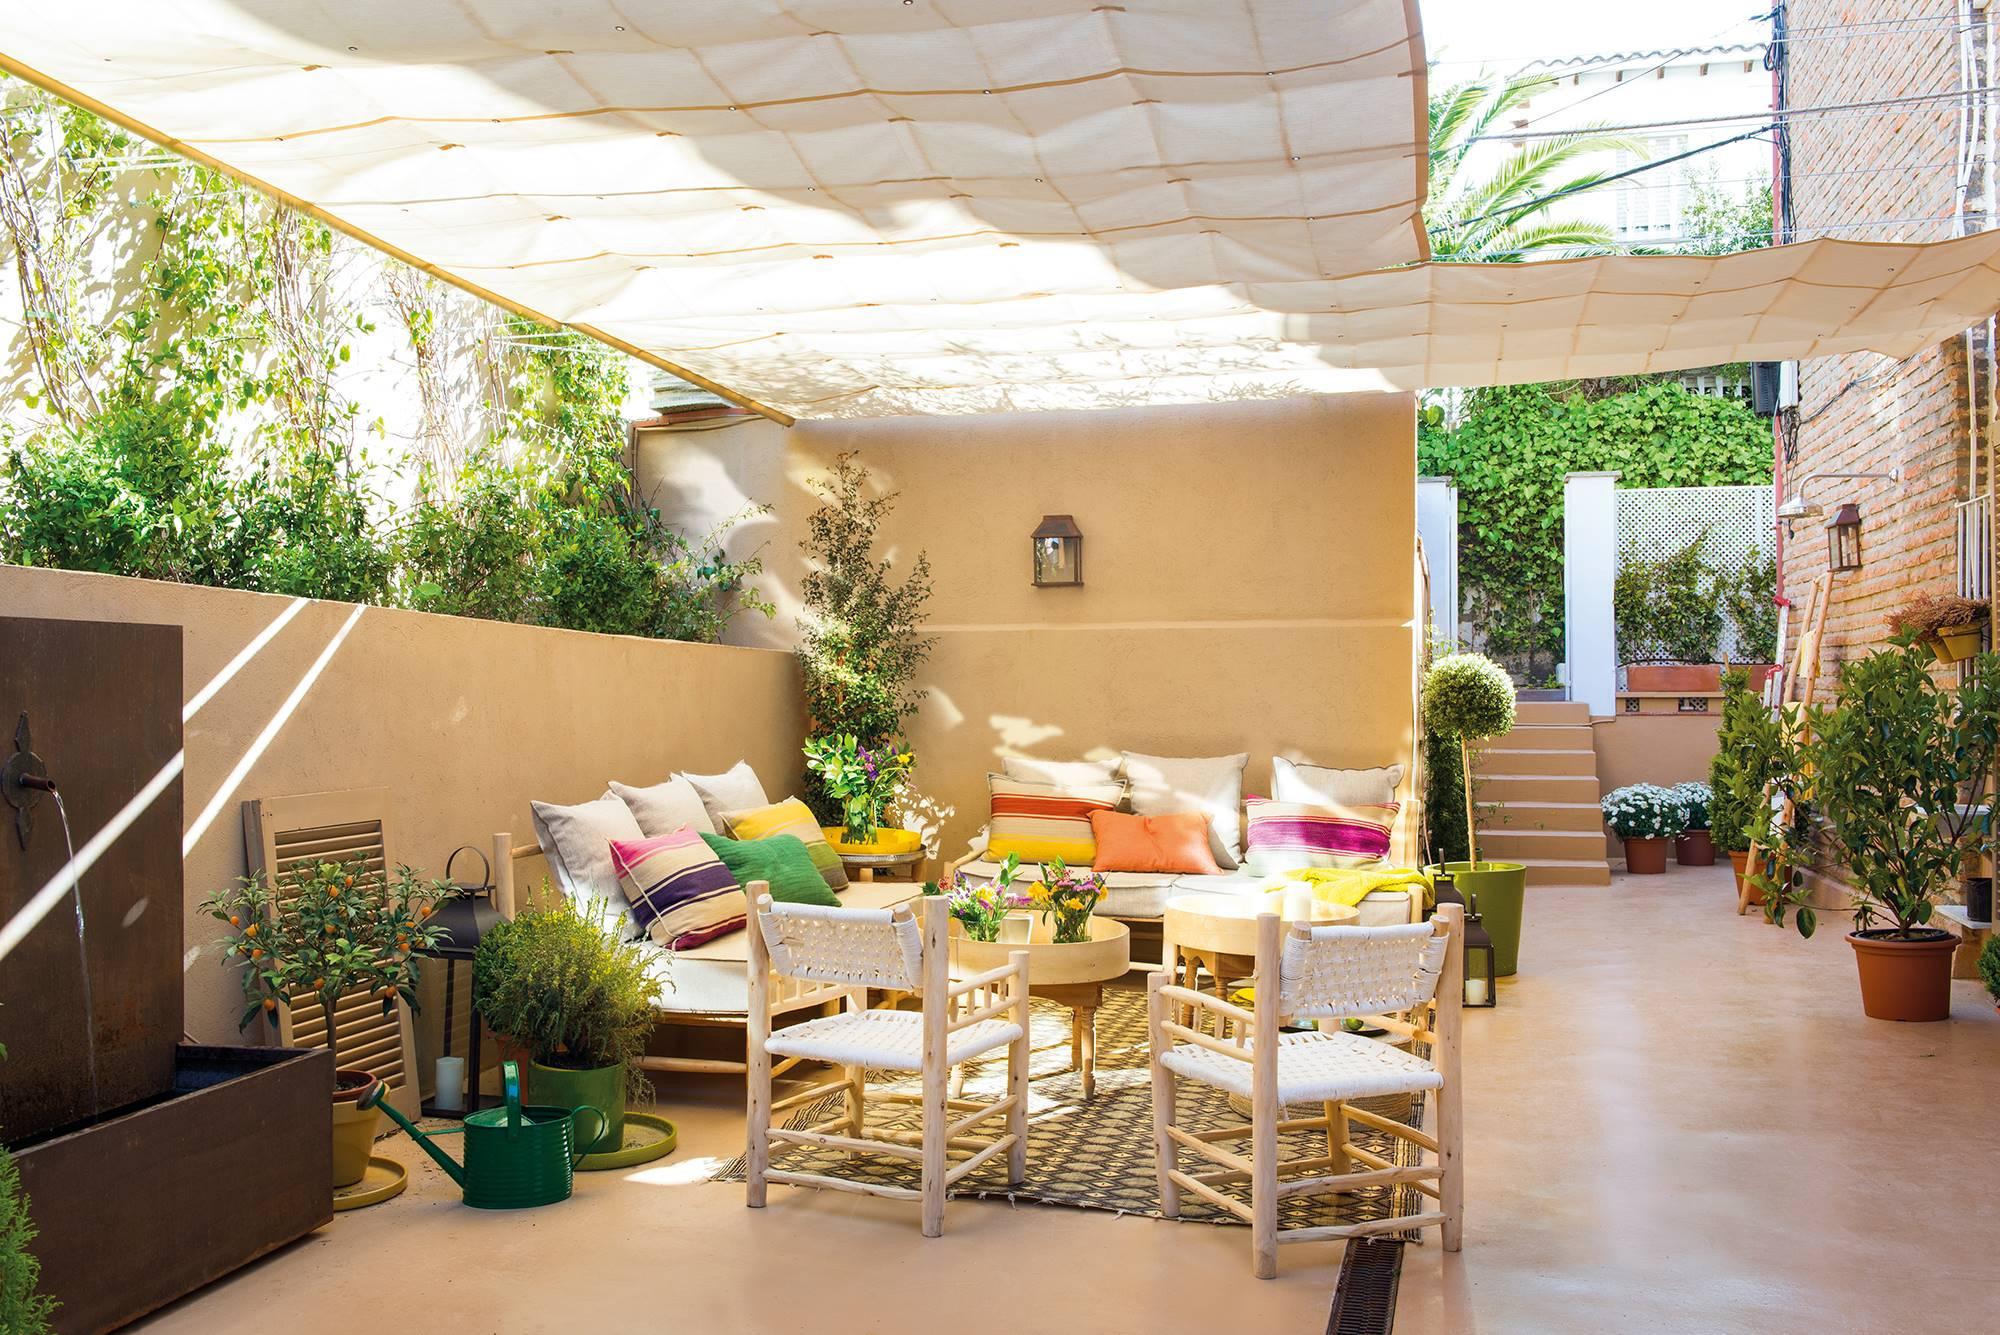 P rgolas y muebles de jard n el mueble - Jardines de casas particulares ...